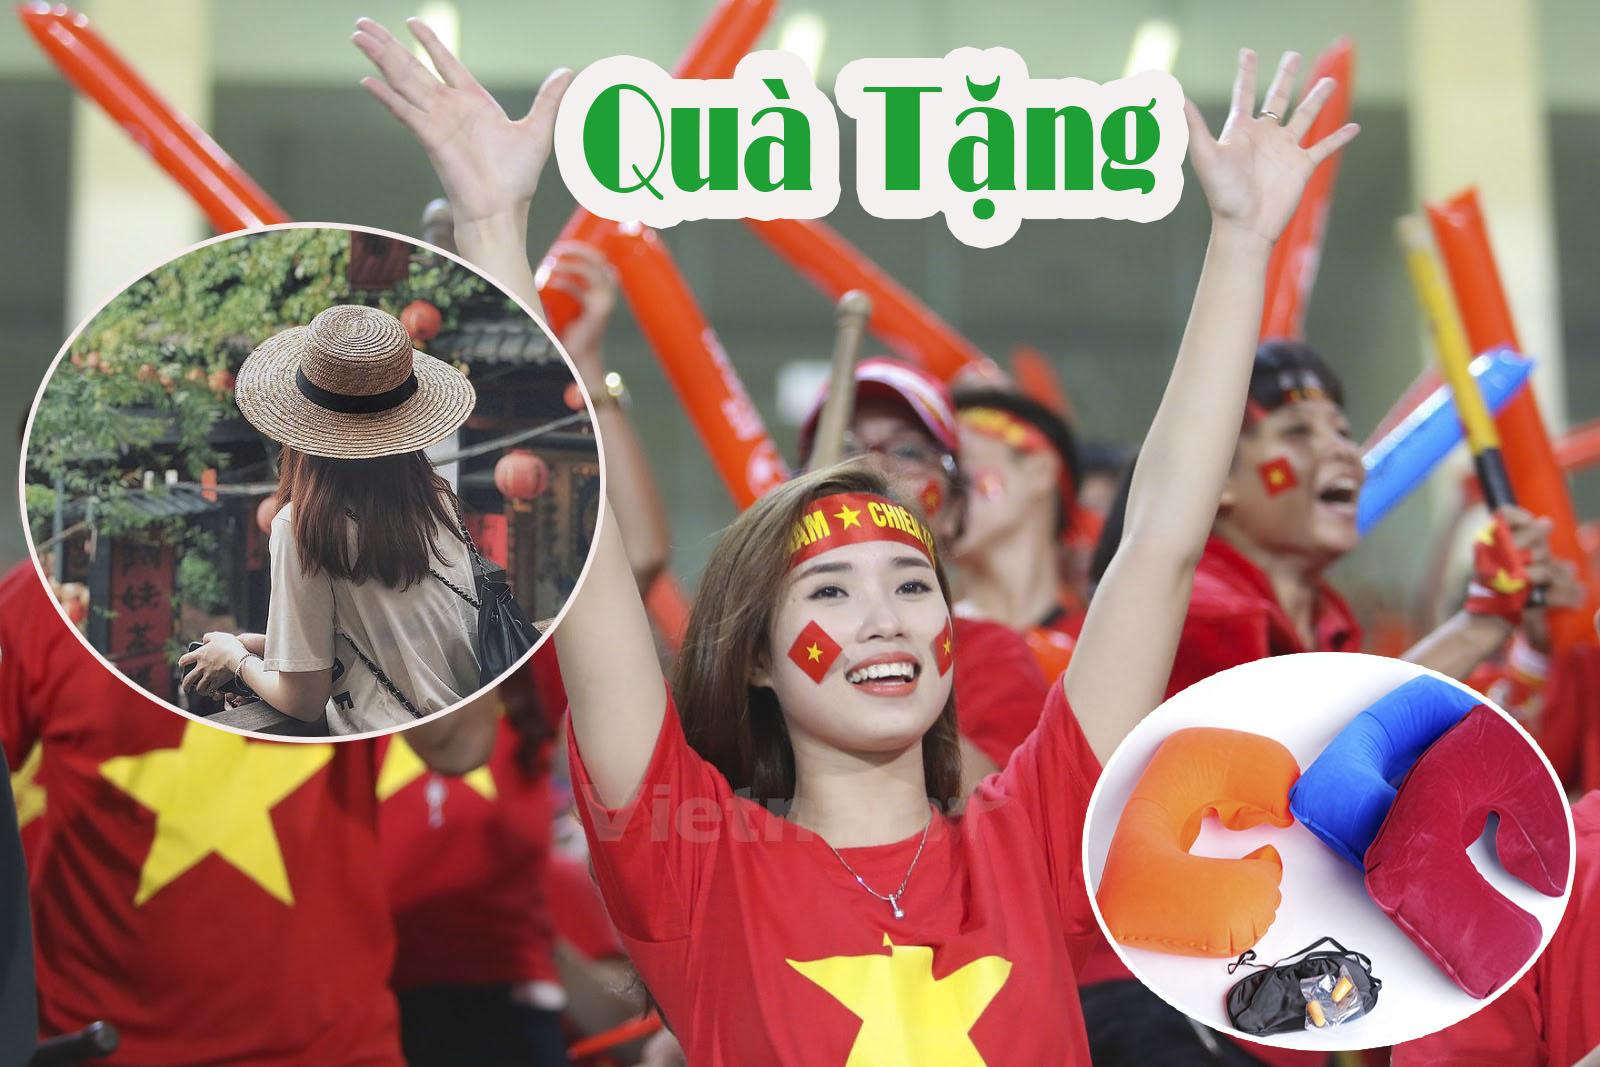 Quà Tặng dành cho tour Cao Bằng dịp 30 tháng 4 của Vietmountain Travel